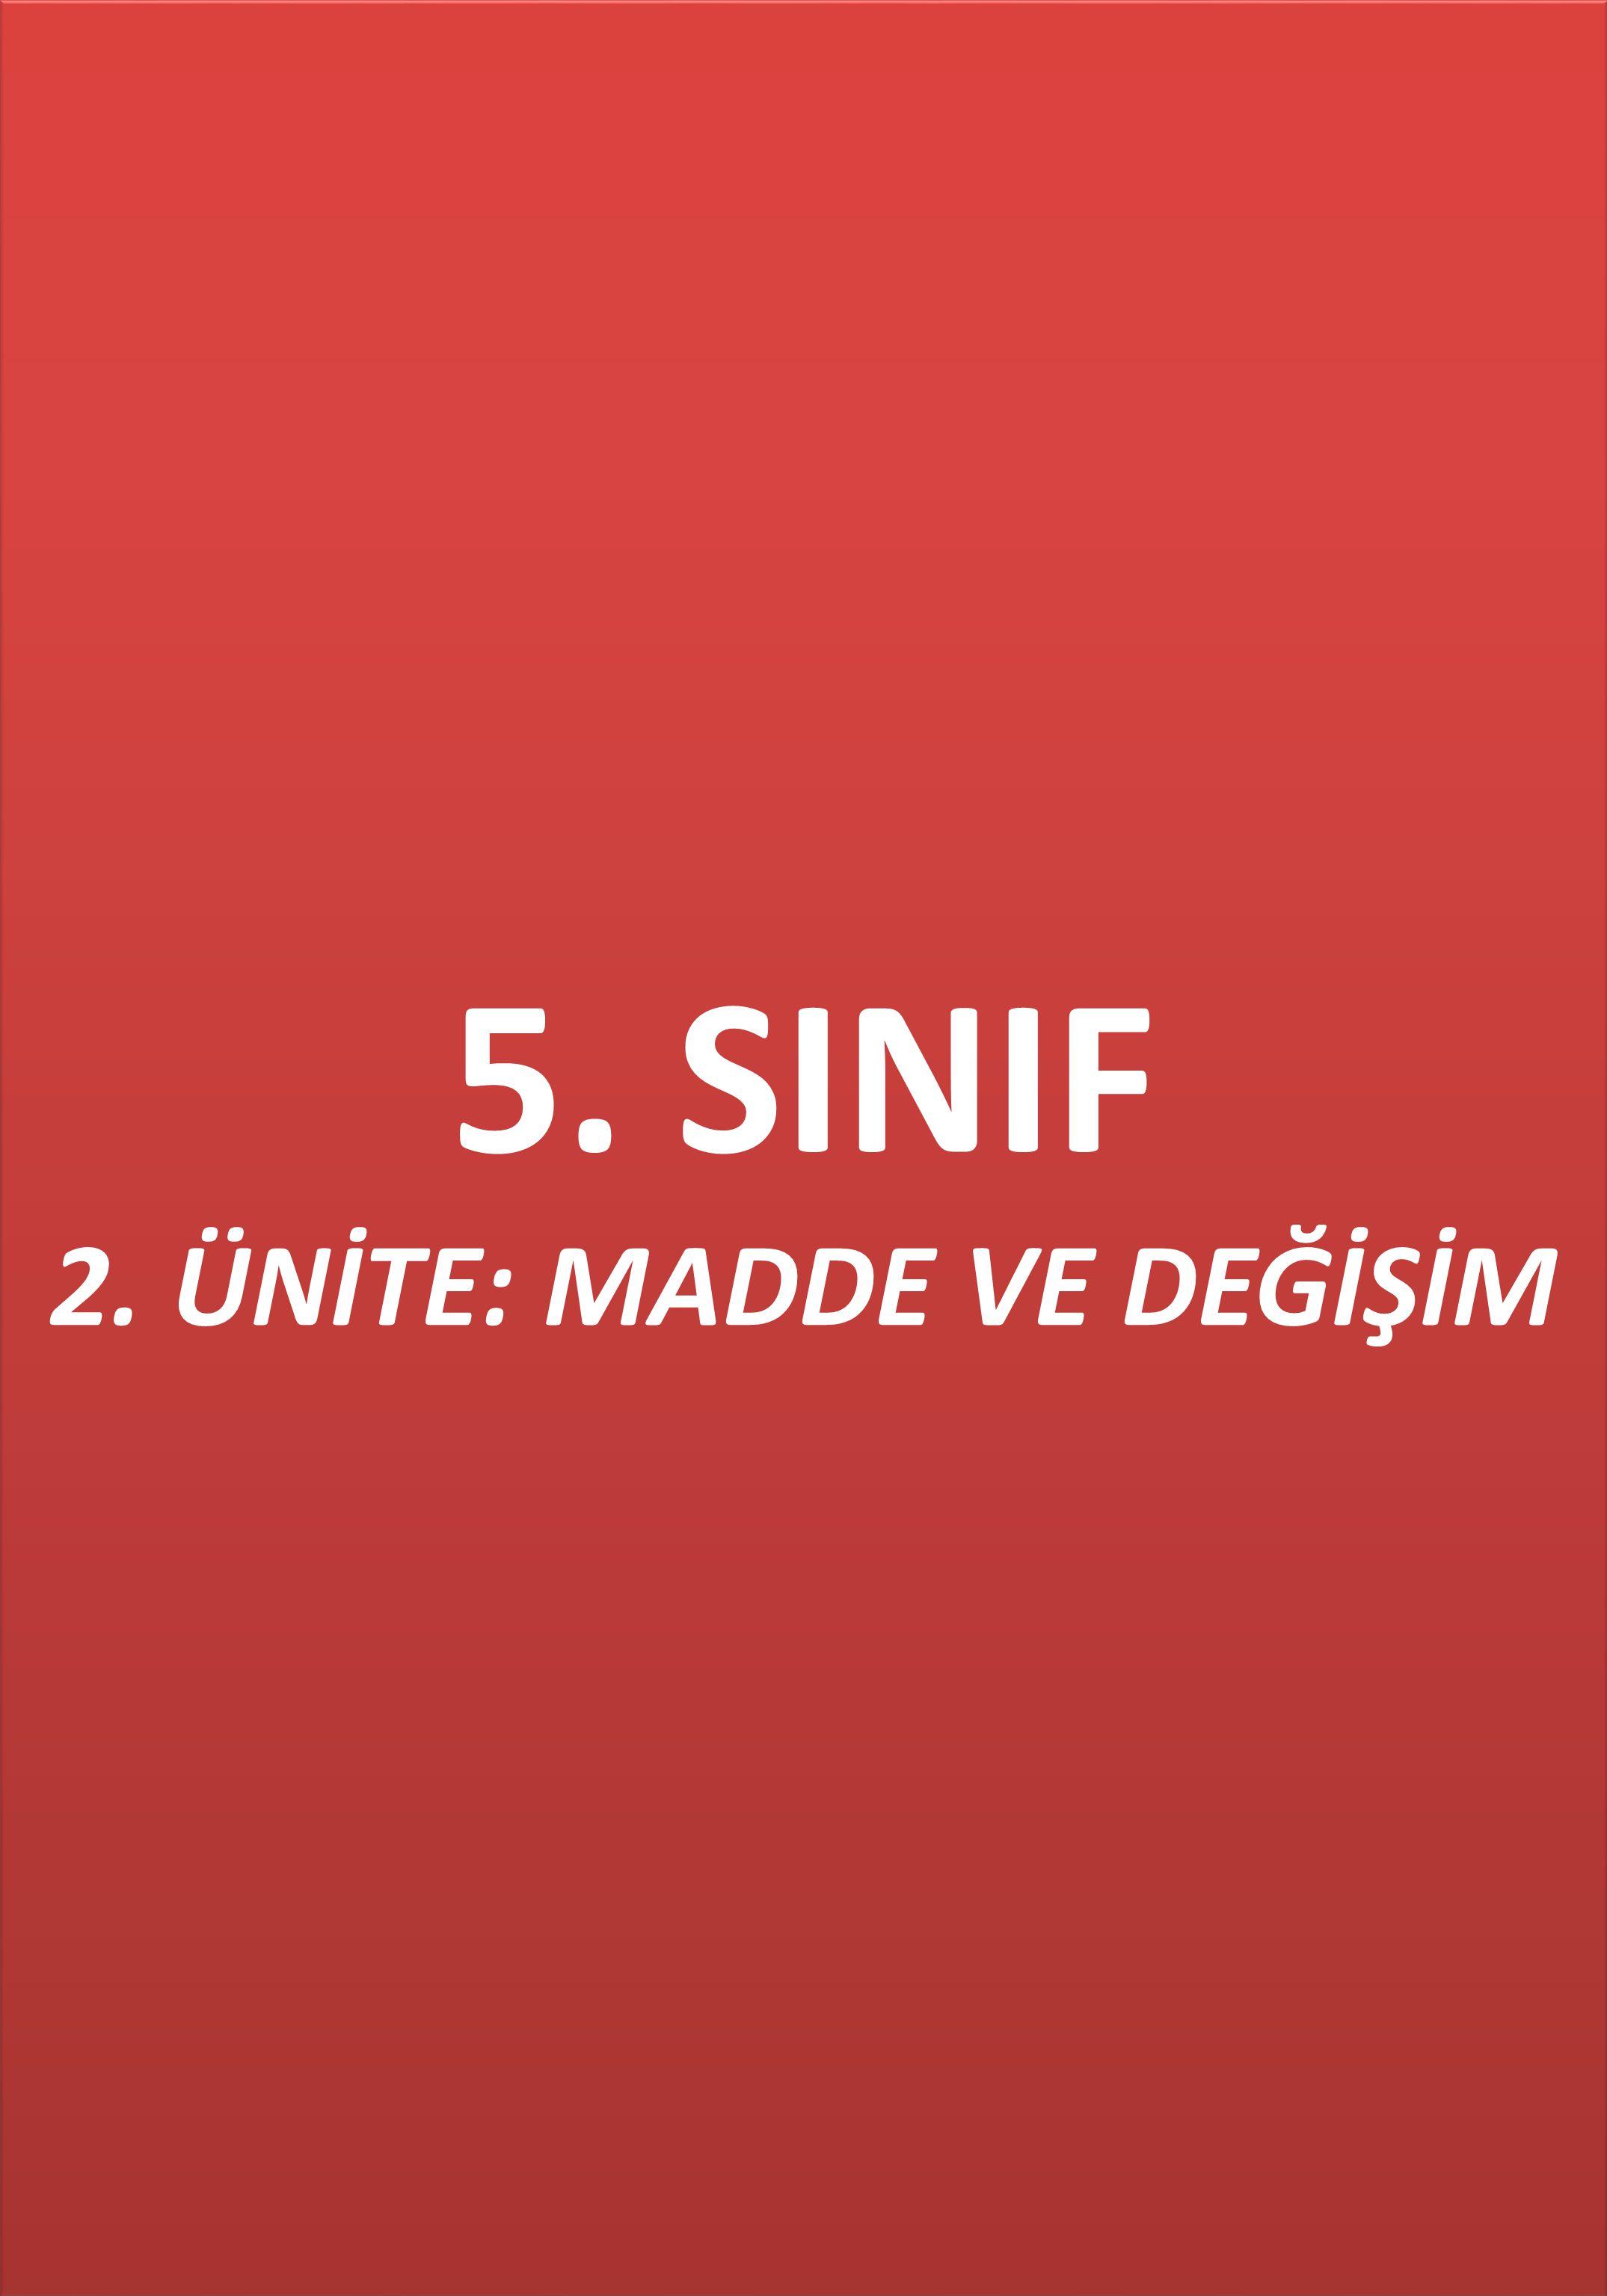 5. SINIF 2. ÜNİTE: MADDE VE DEĞİŞİM